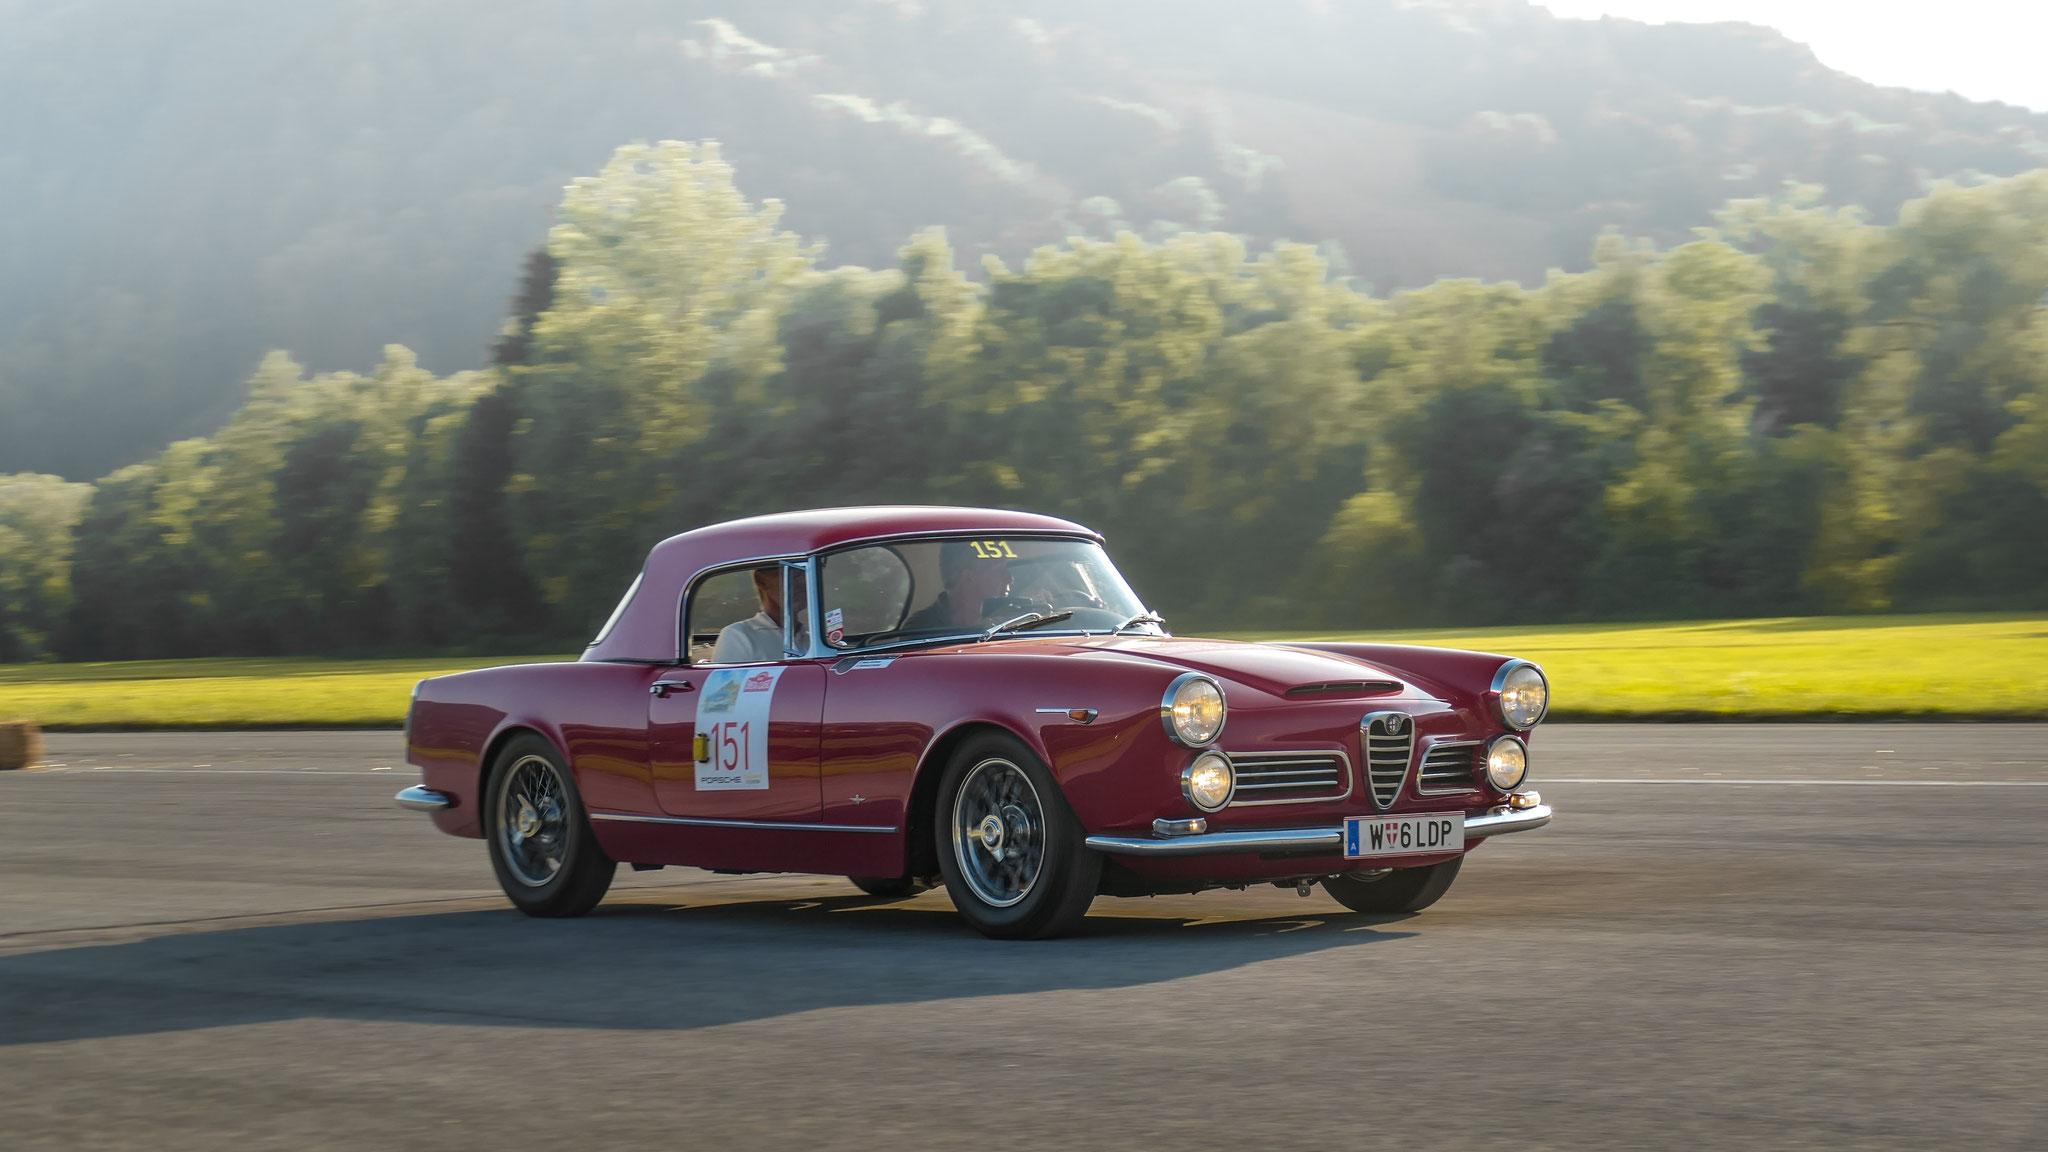 Alfa Romeo 2600 Touring Spider - W-6-LDP (AUT)